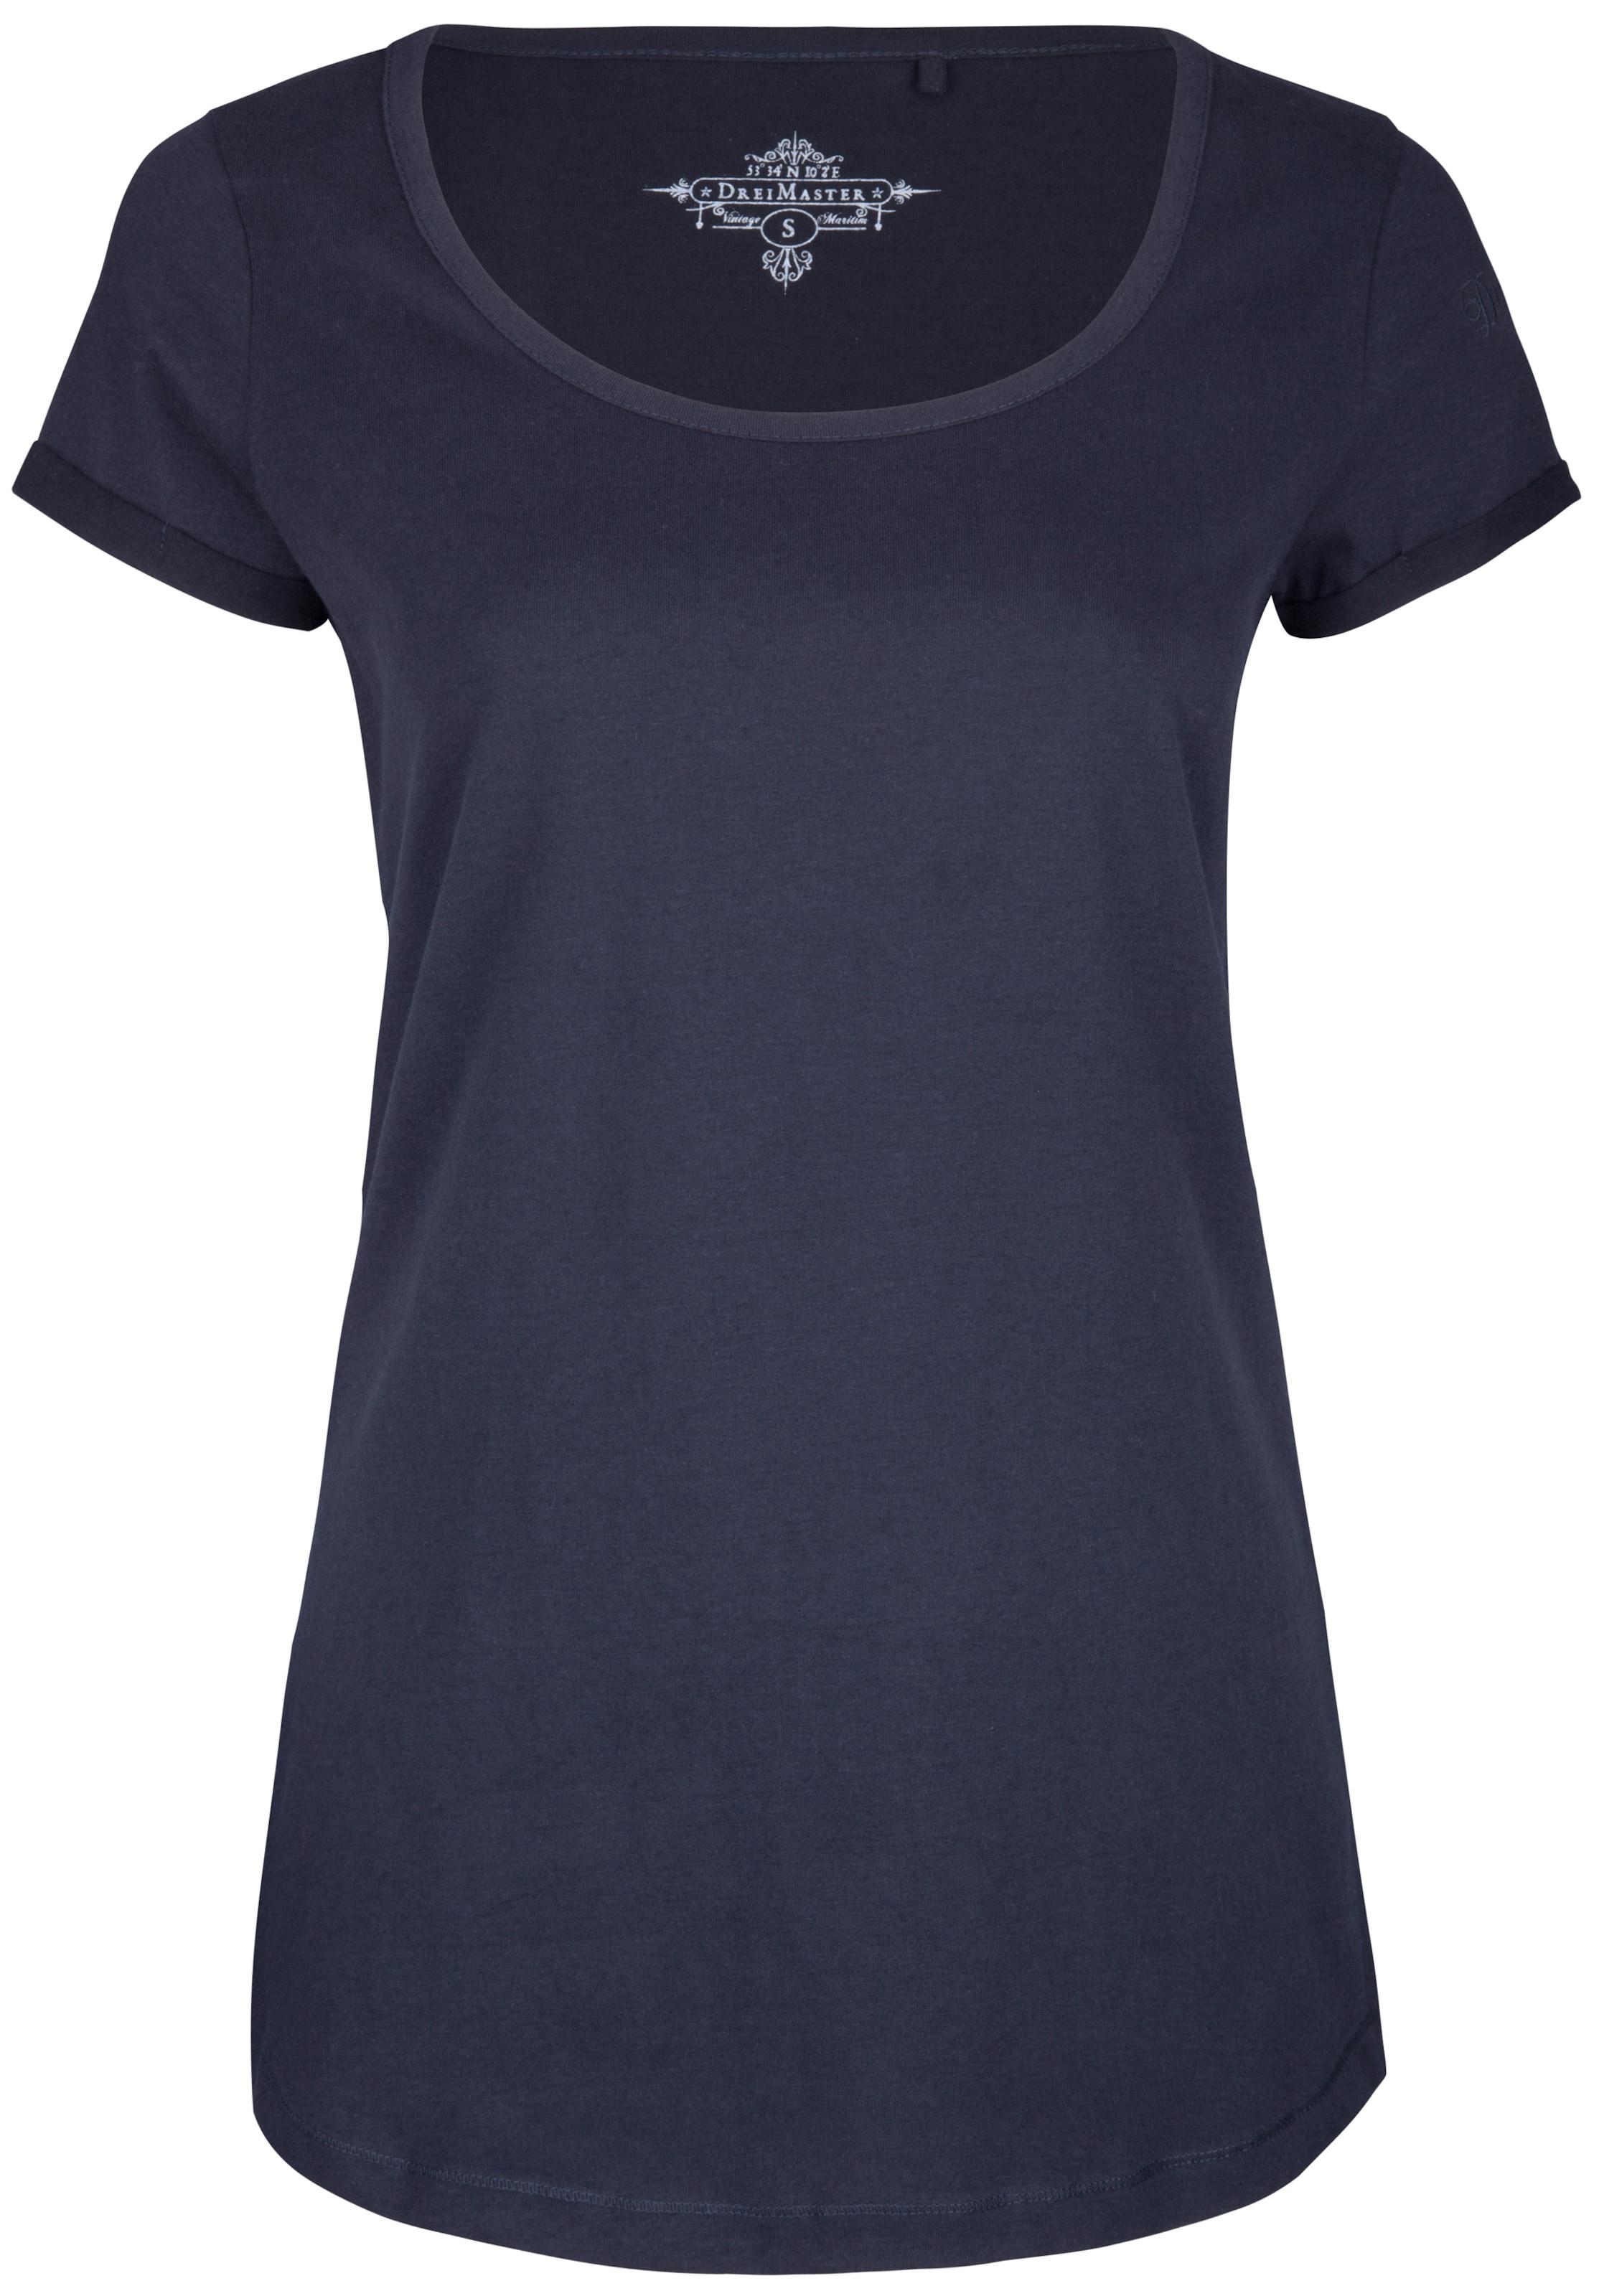 Dreimaster shirt T Marine En T shirt Dreimaster 8n0wkOPX